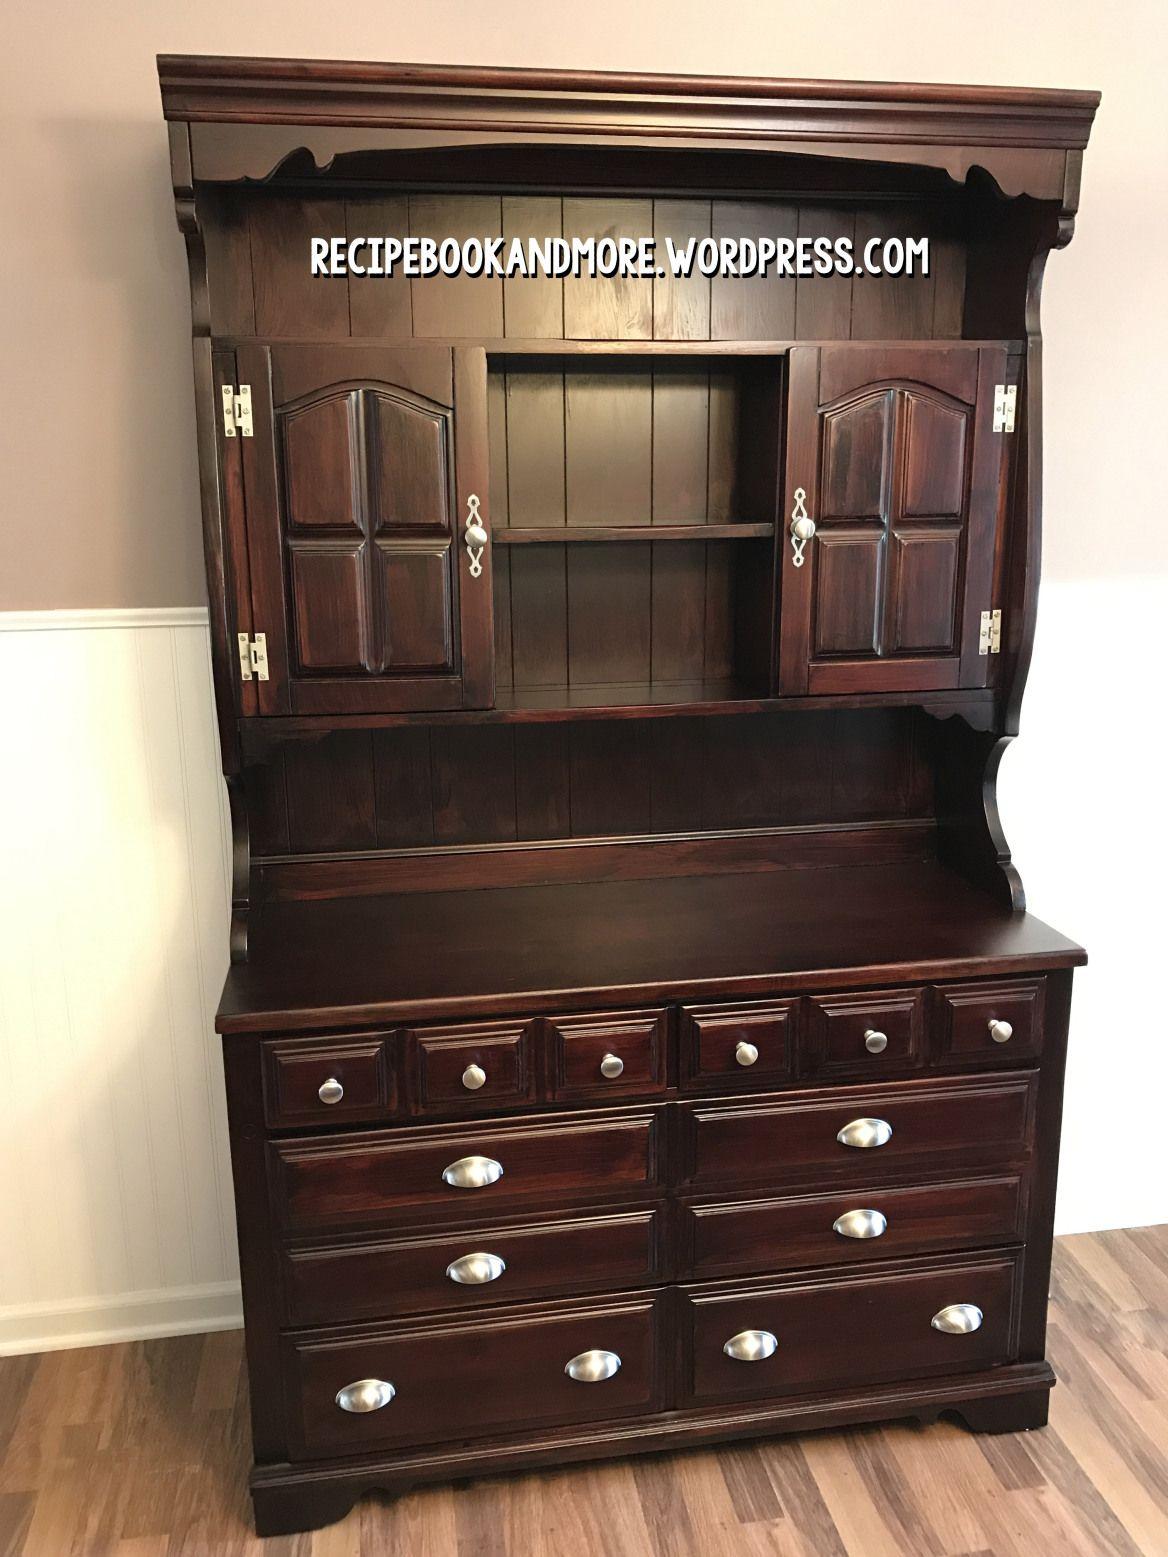 DIY Hutch Makeover. Stain FurnitureHutch Makeover. How To Stain Furniture  Darker ...